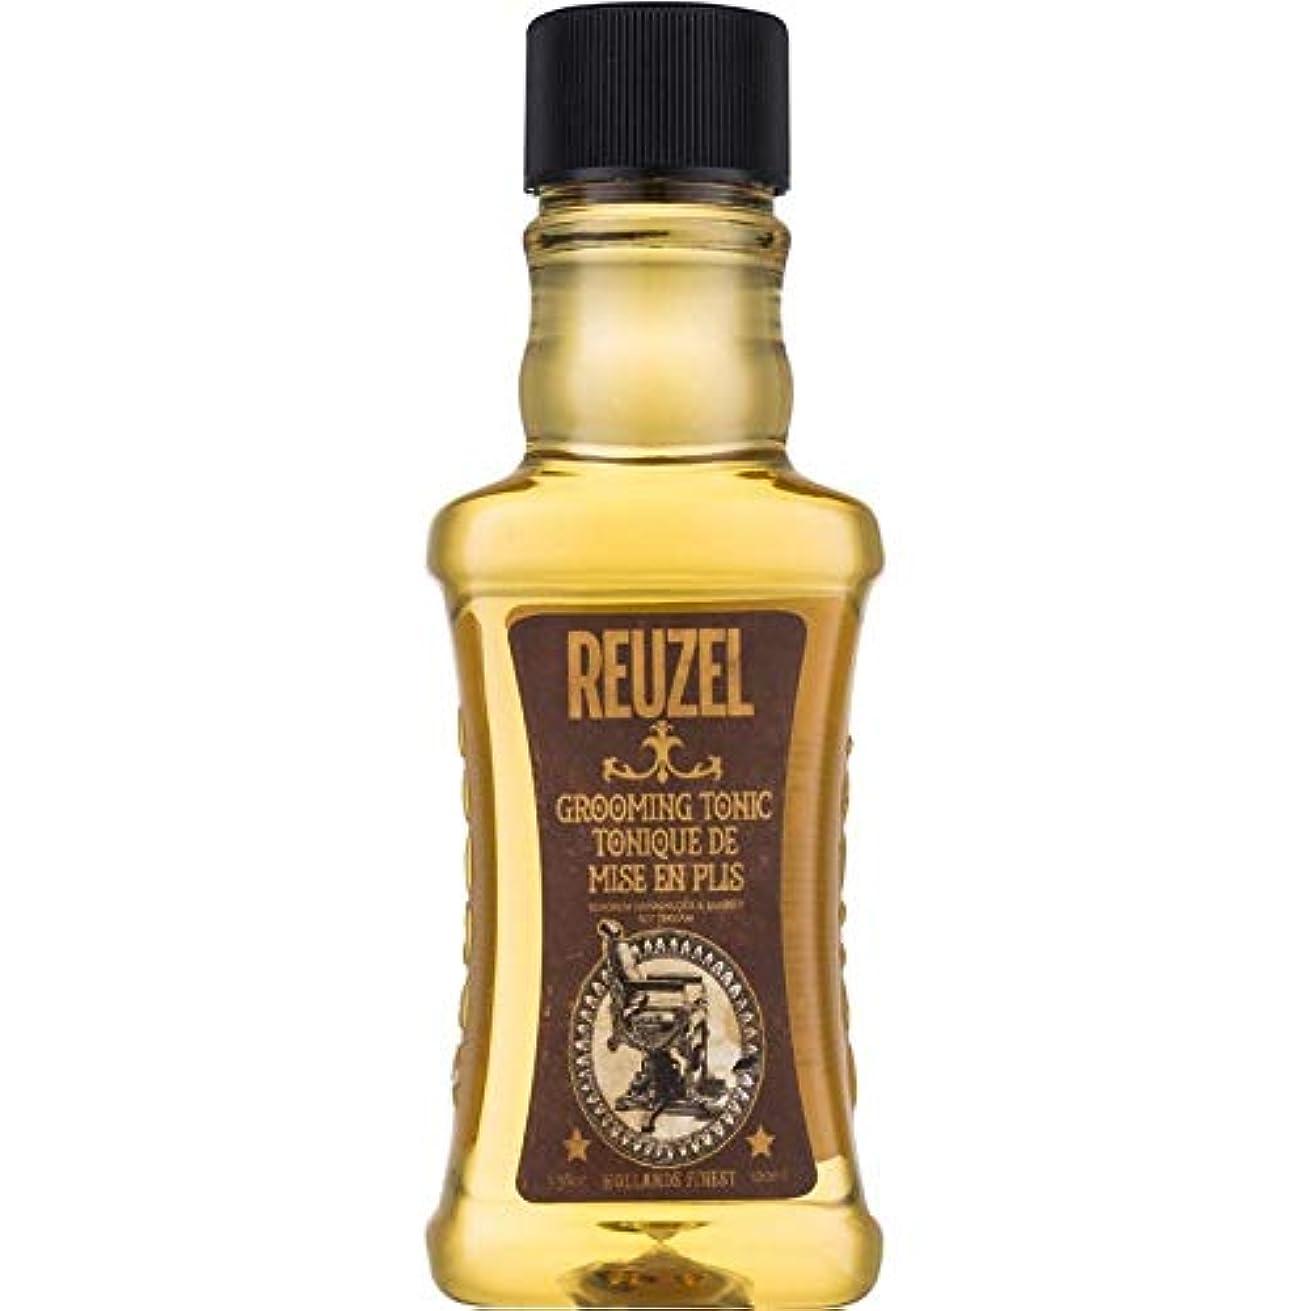 系譜アダルト証明するルーゾー グルーミング トニック Reuzel Grooming Tonic 100 ml [並行輸入品]